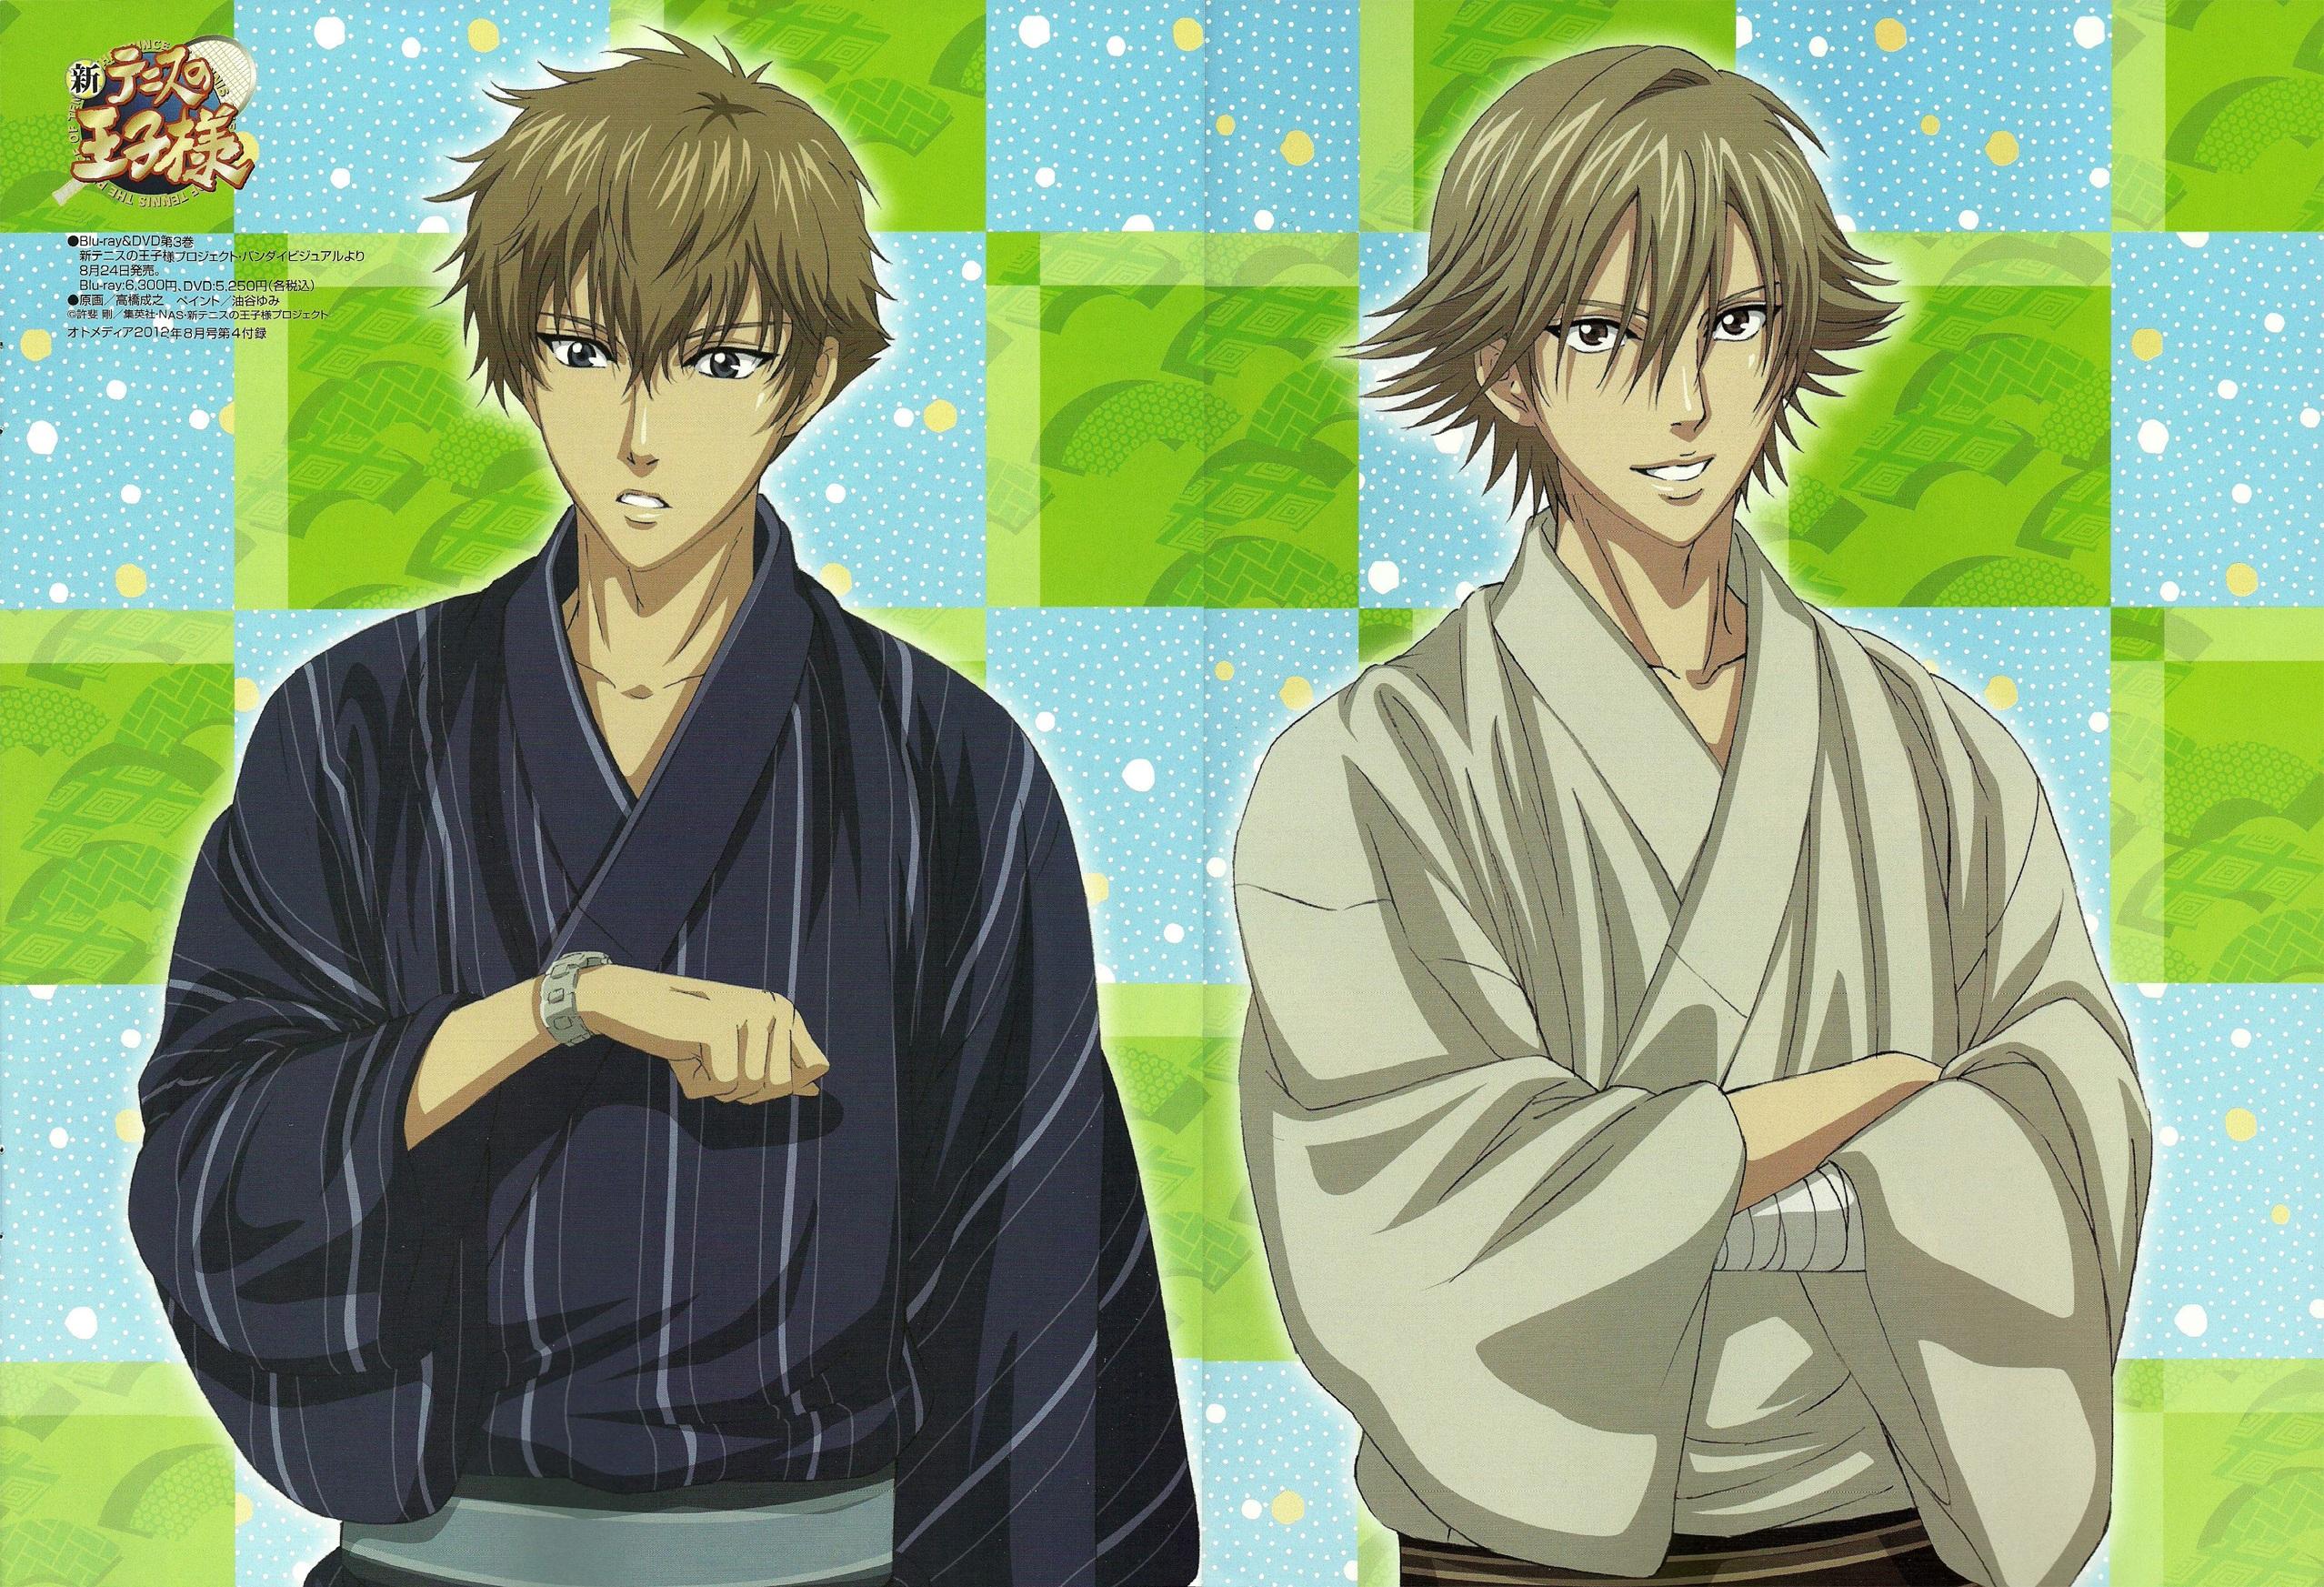 Prince of tennis shiraishi